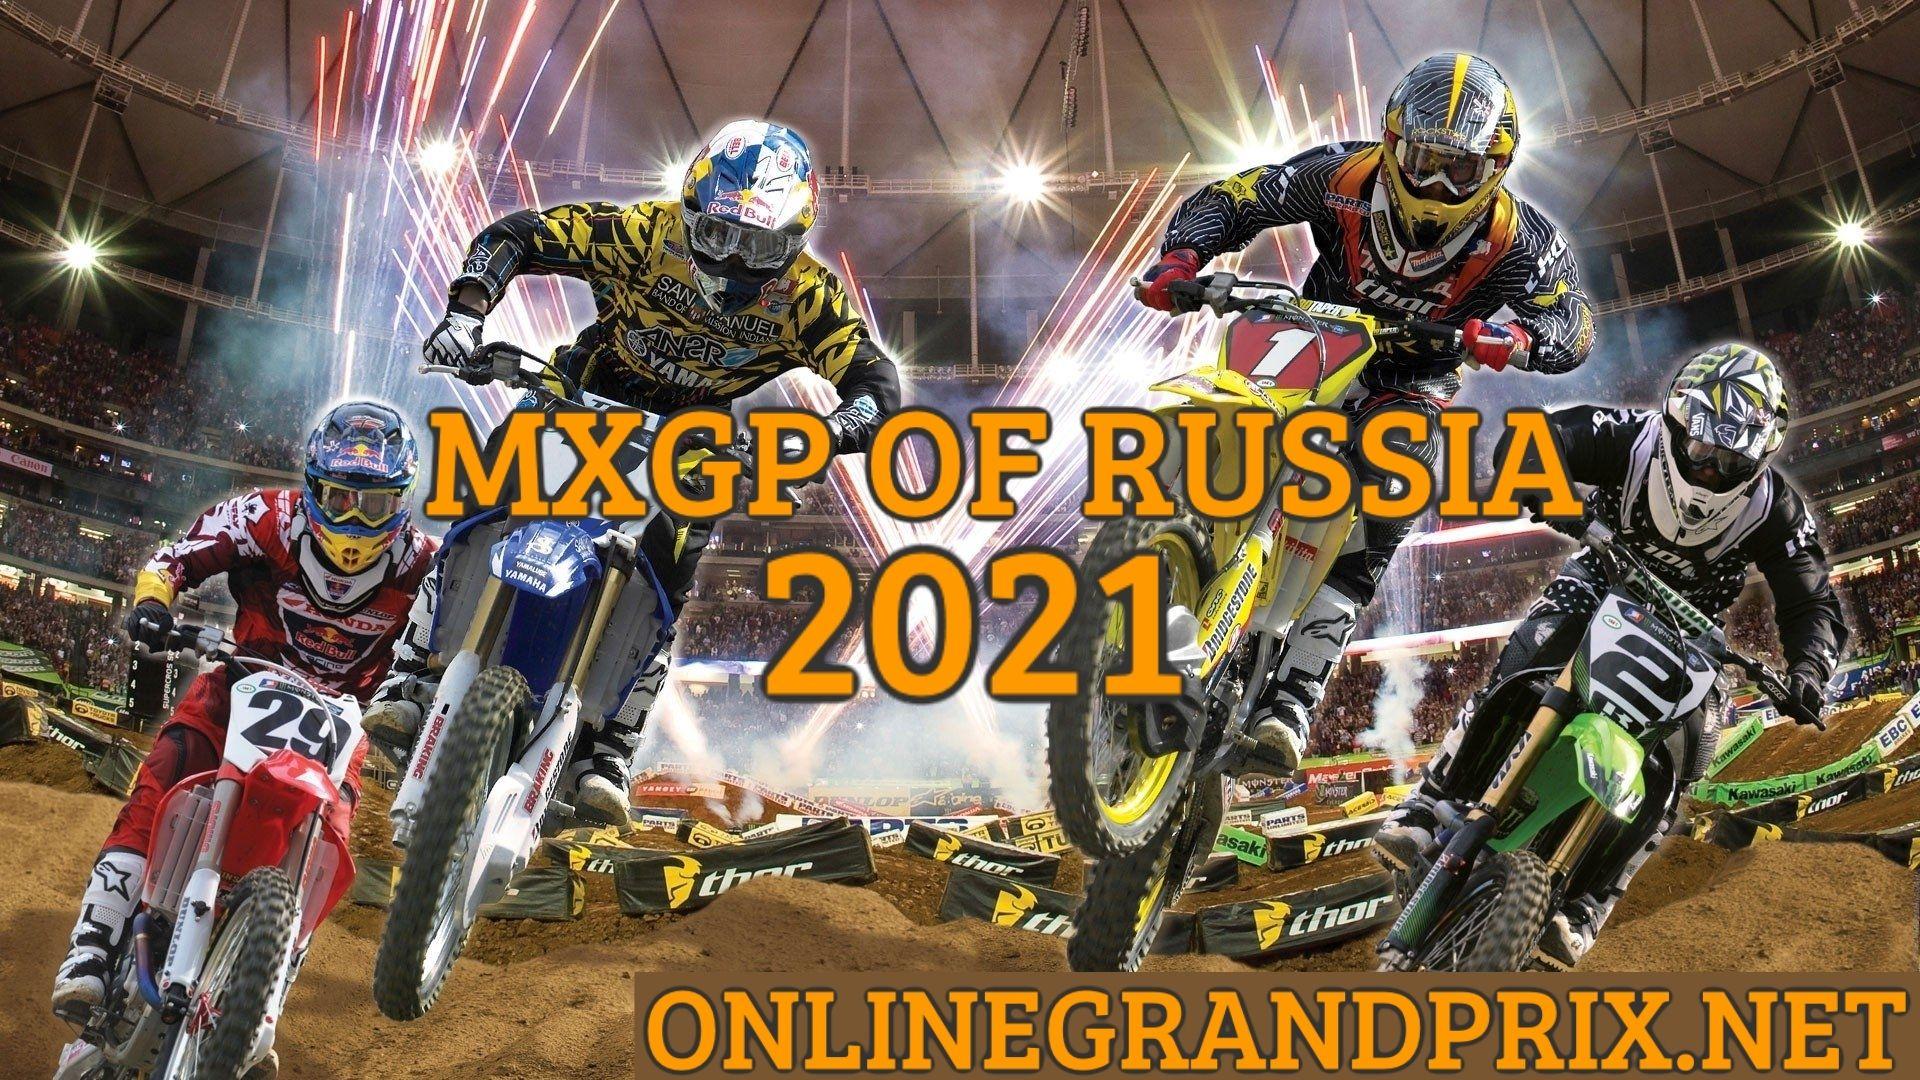 Motocross Russian Grand Prix Live Stream